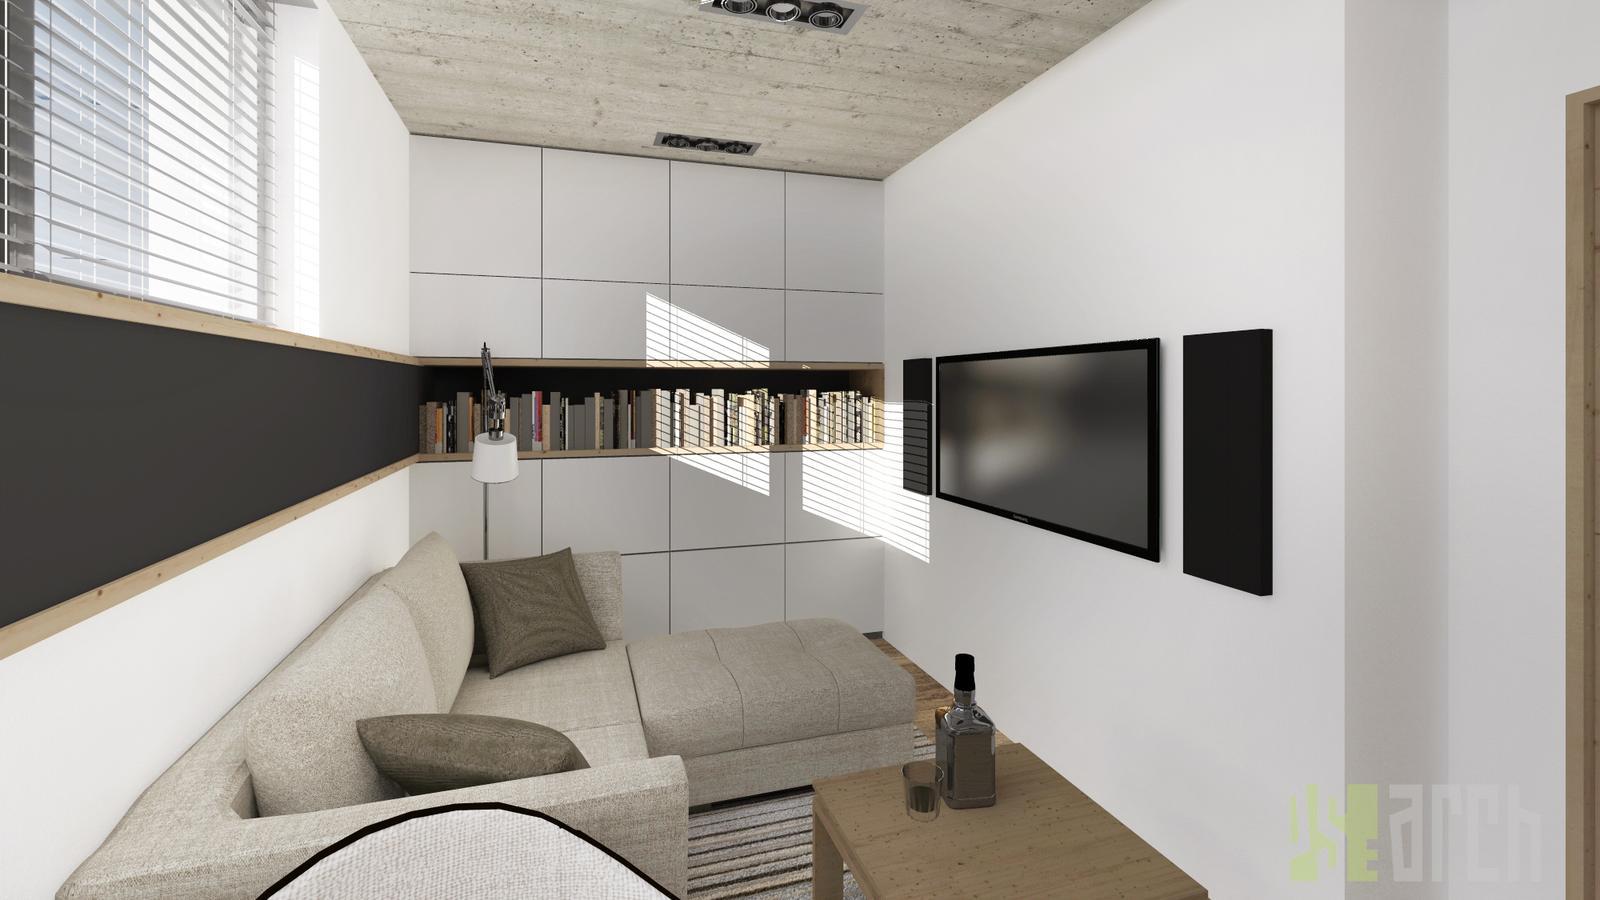 Interiér vizualizácie - hostovská, pracovňa a manželova detská izba v jednom :-)